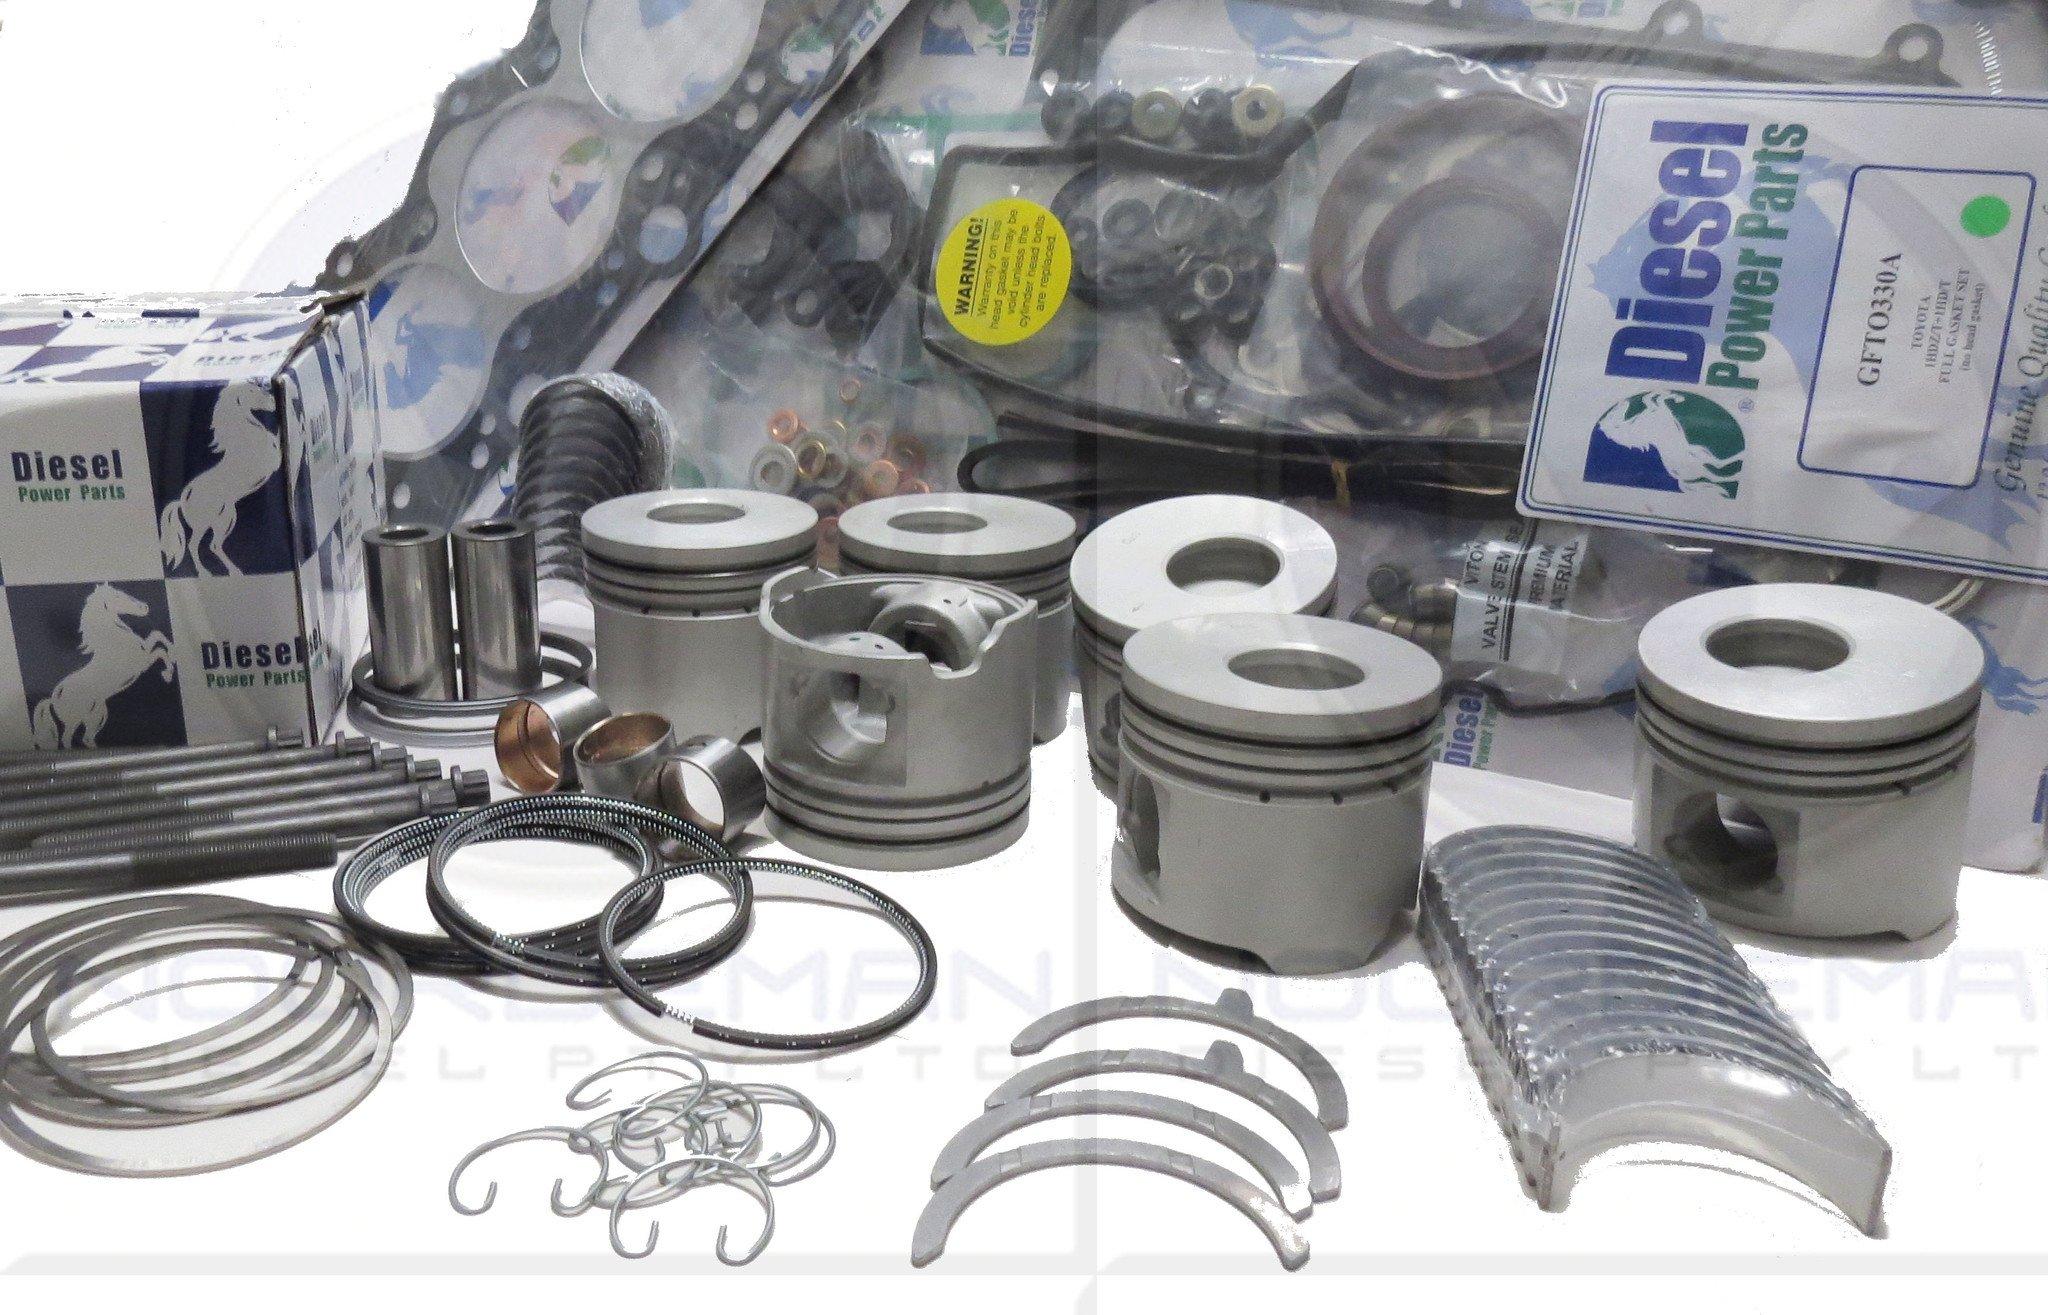 100 SERIES TOYOTA LANDCRUISER 1HDFTE ENGINE REBUILD KIT ERKTO1HDFTEXXX1